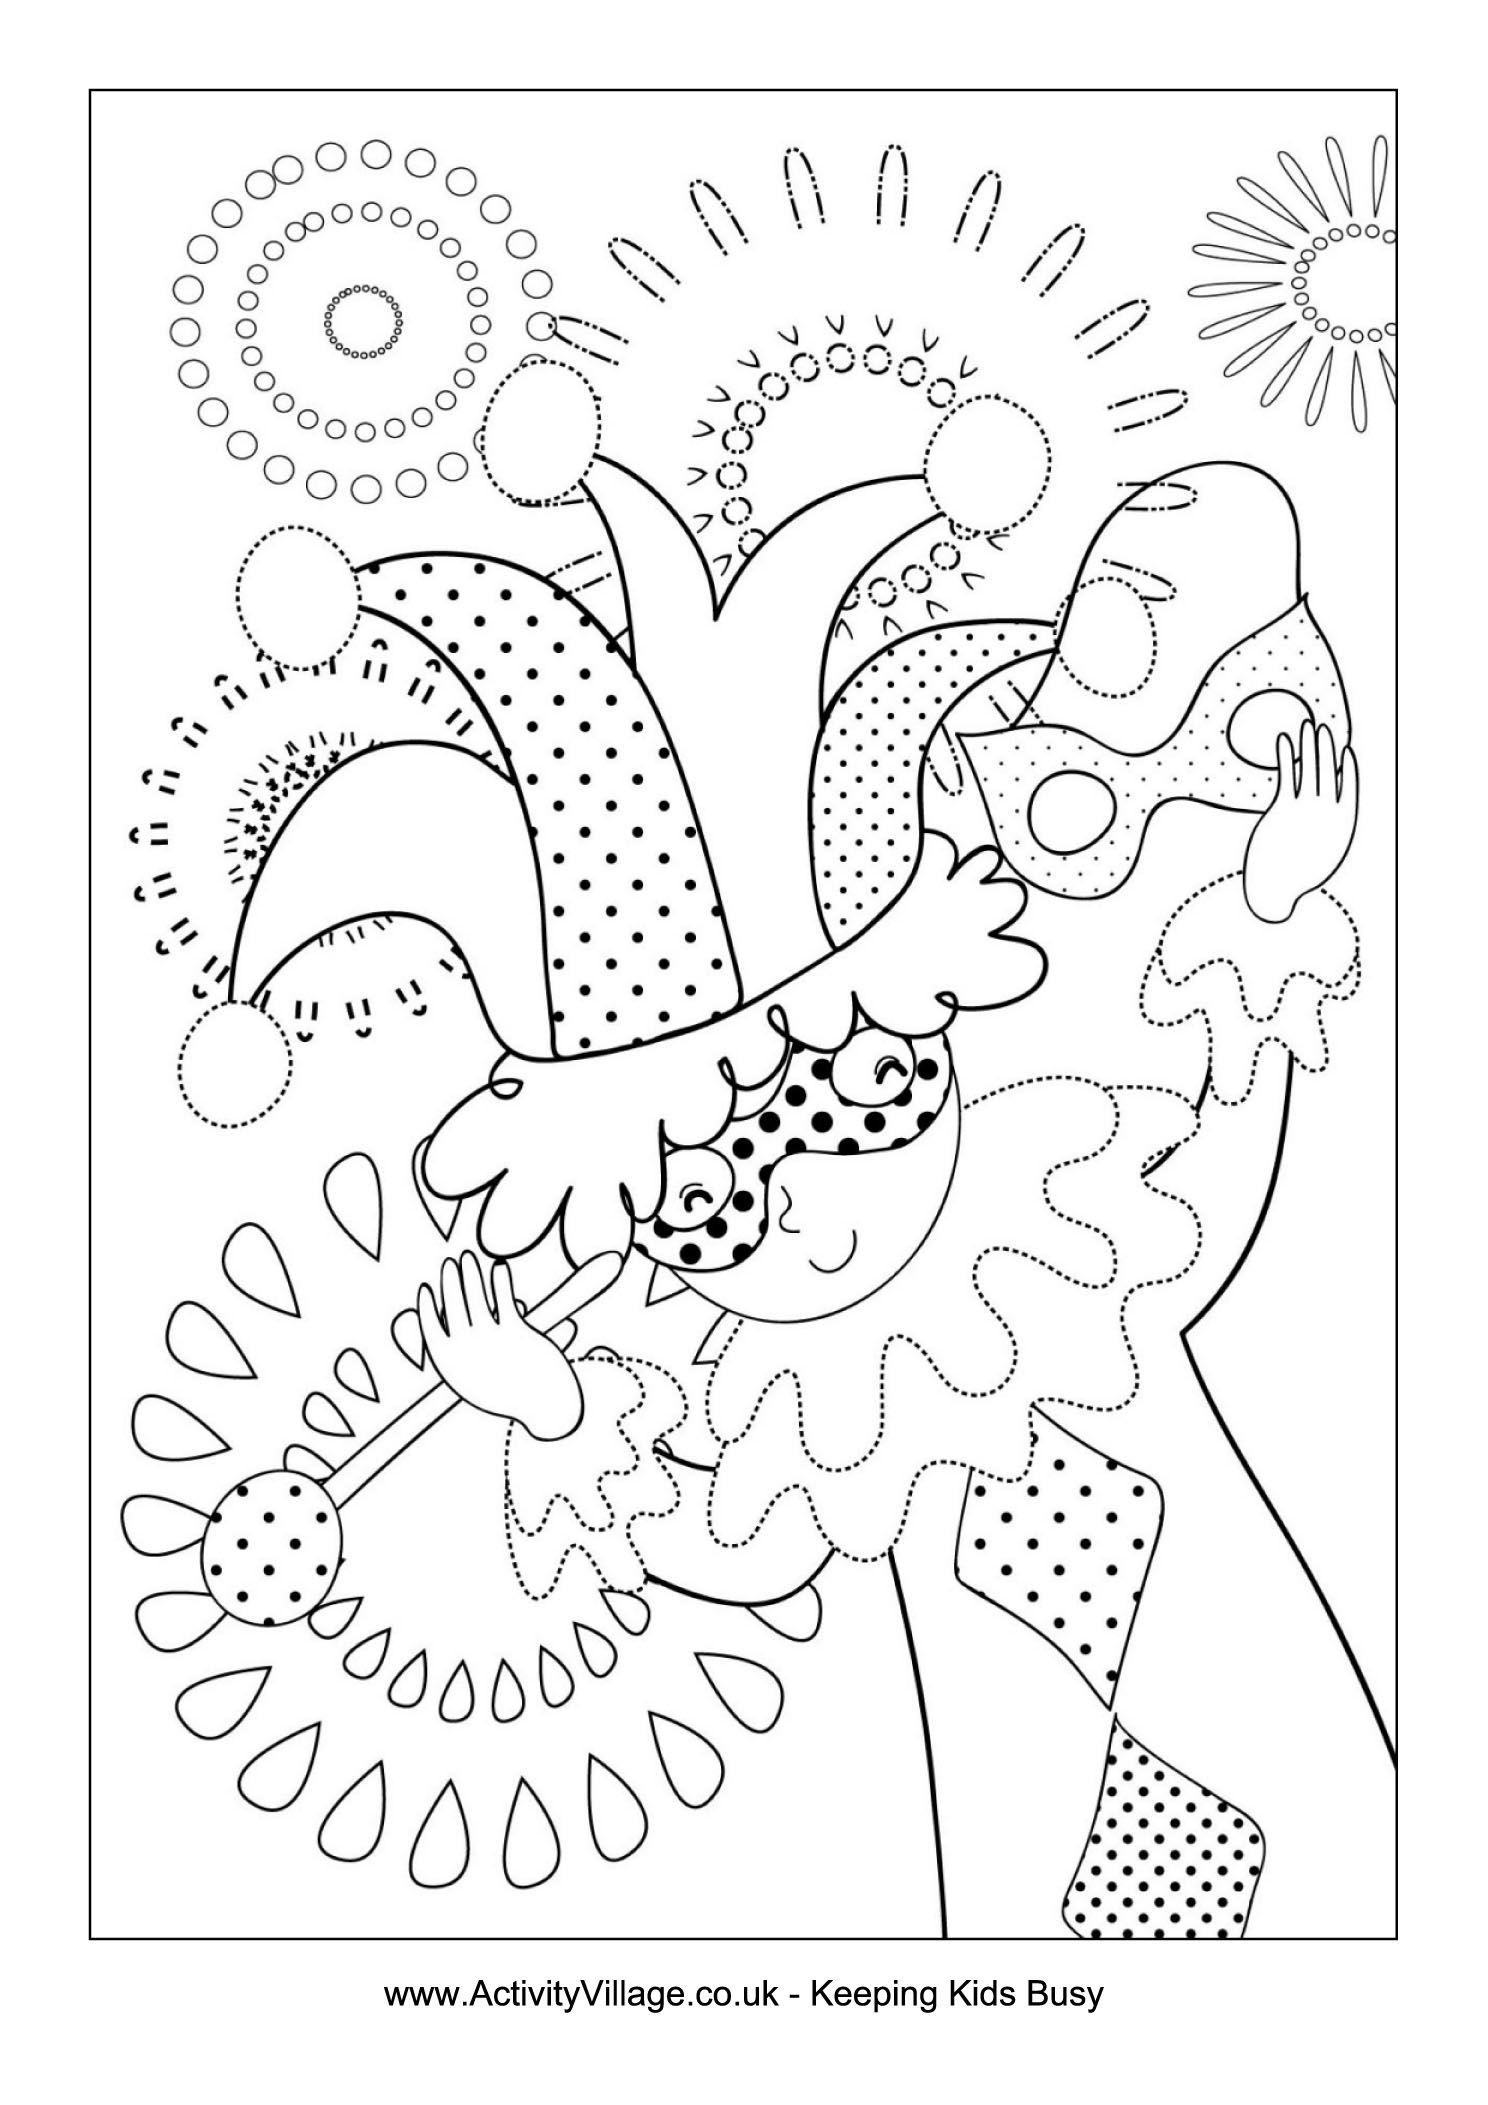 Making_Masks_Coloring_Page | Coloriage Carnaval, Dessin encequiconcerne Coloriage De Carnaval A Imprimer Gratuit